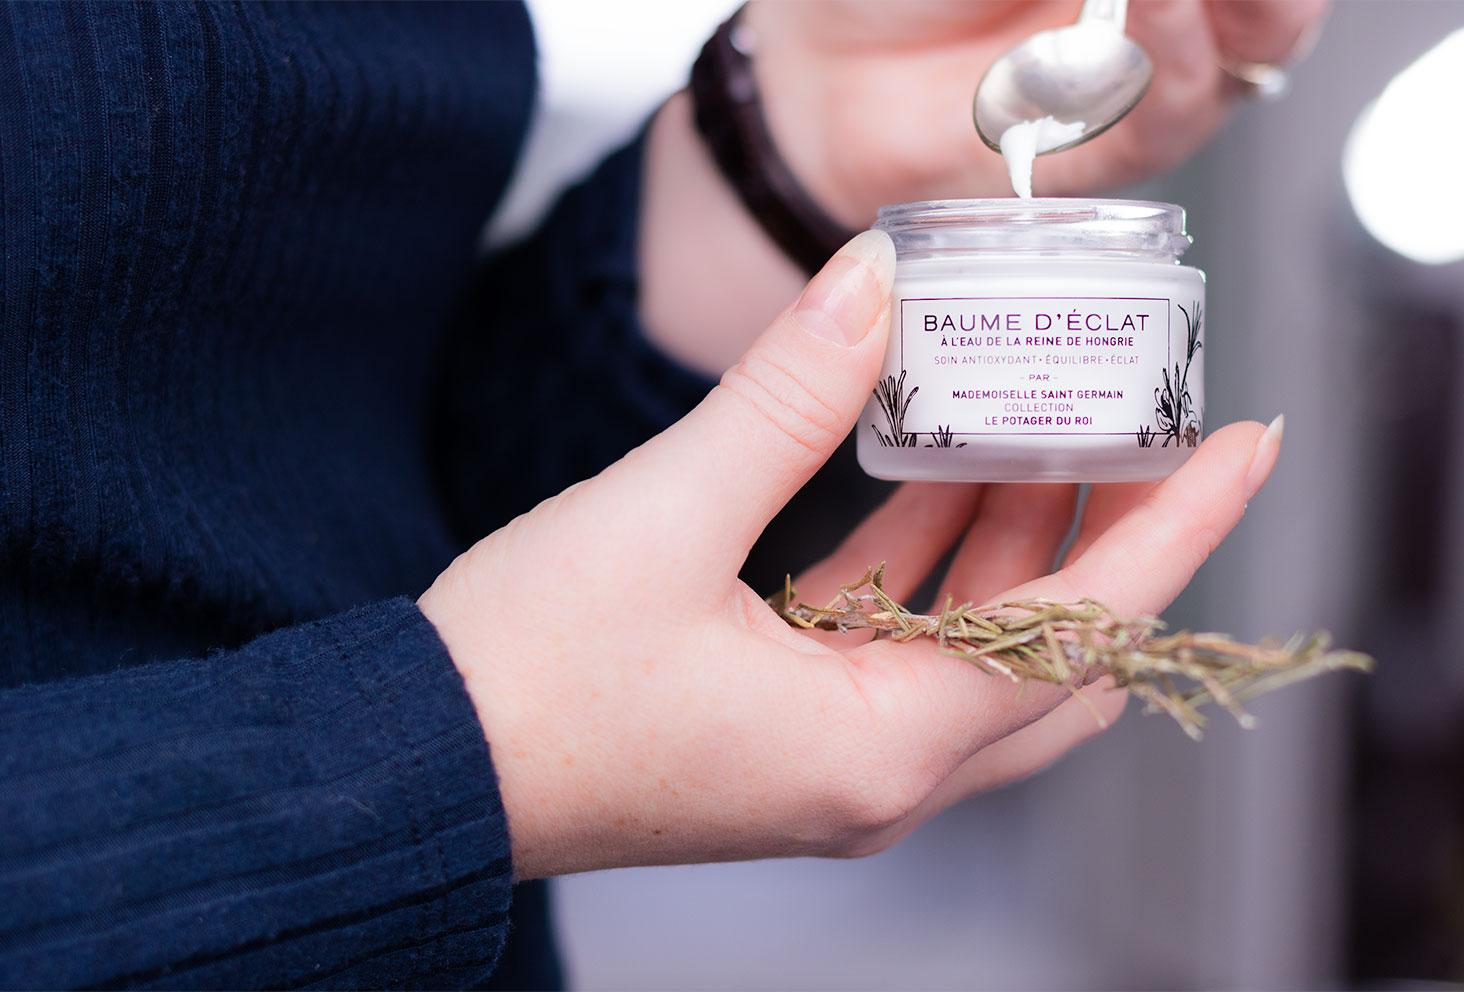 La texture du baume d'Eclat de Mademoiselle Saint Germain dans une petite cuillère en argent, le pot tenu comme un yaourt dans la main